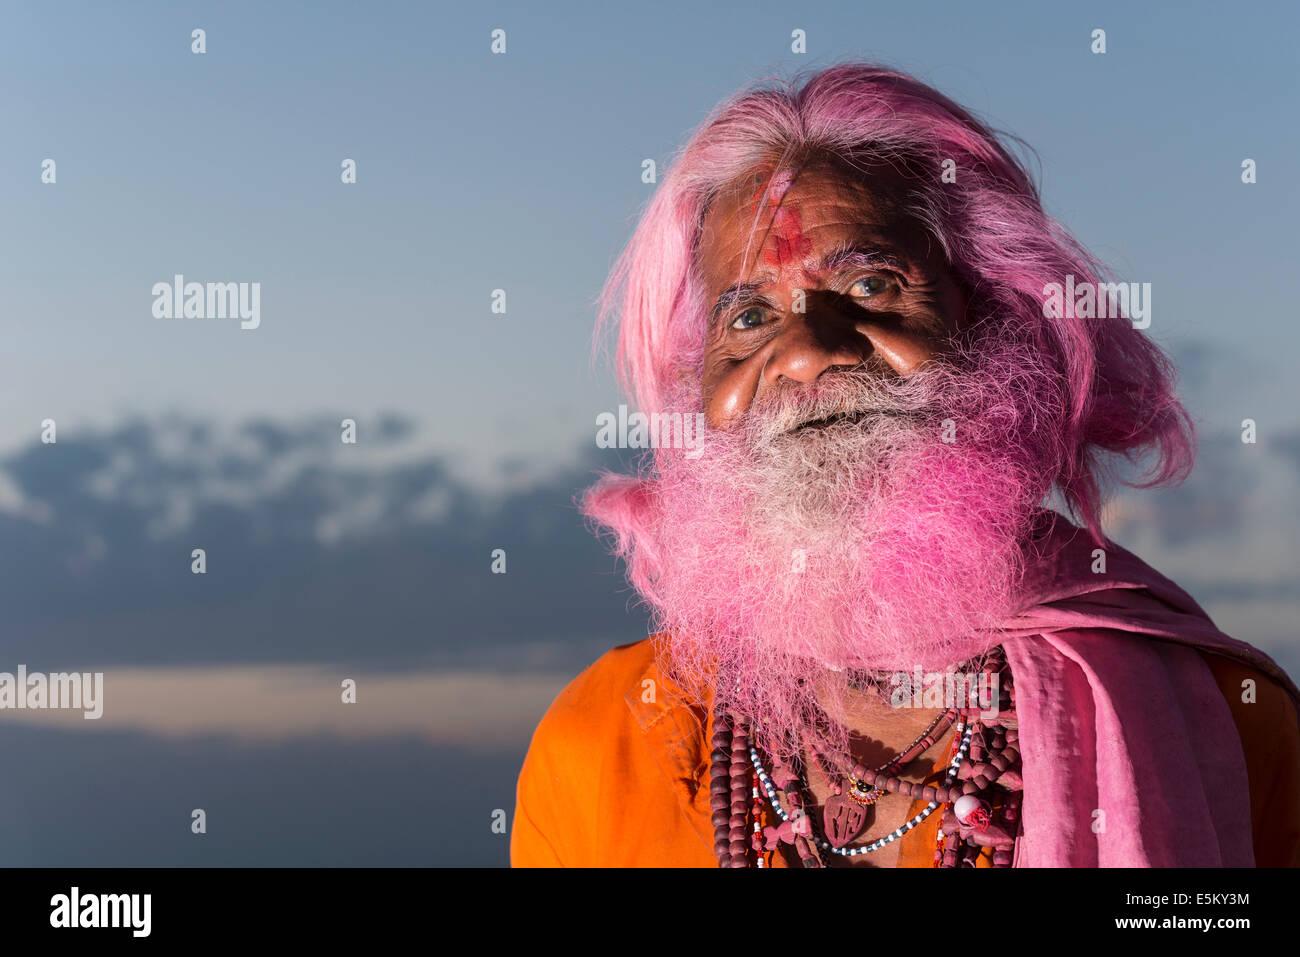 Porträt eines alten Mannes mit einem rosa Bart auf dem Holi Festival, Vrindavan, Uttar Pradesh, Indien Stockfoto